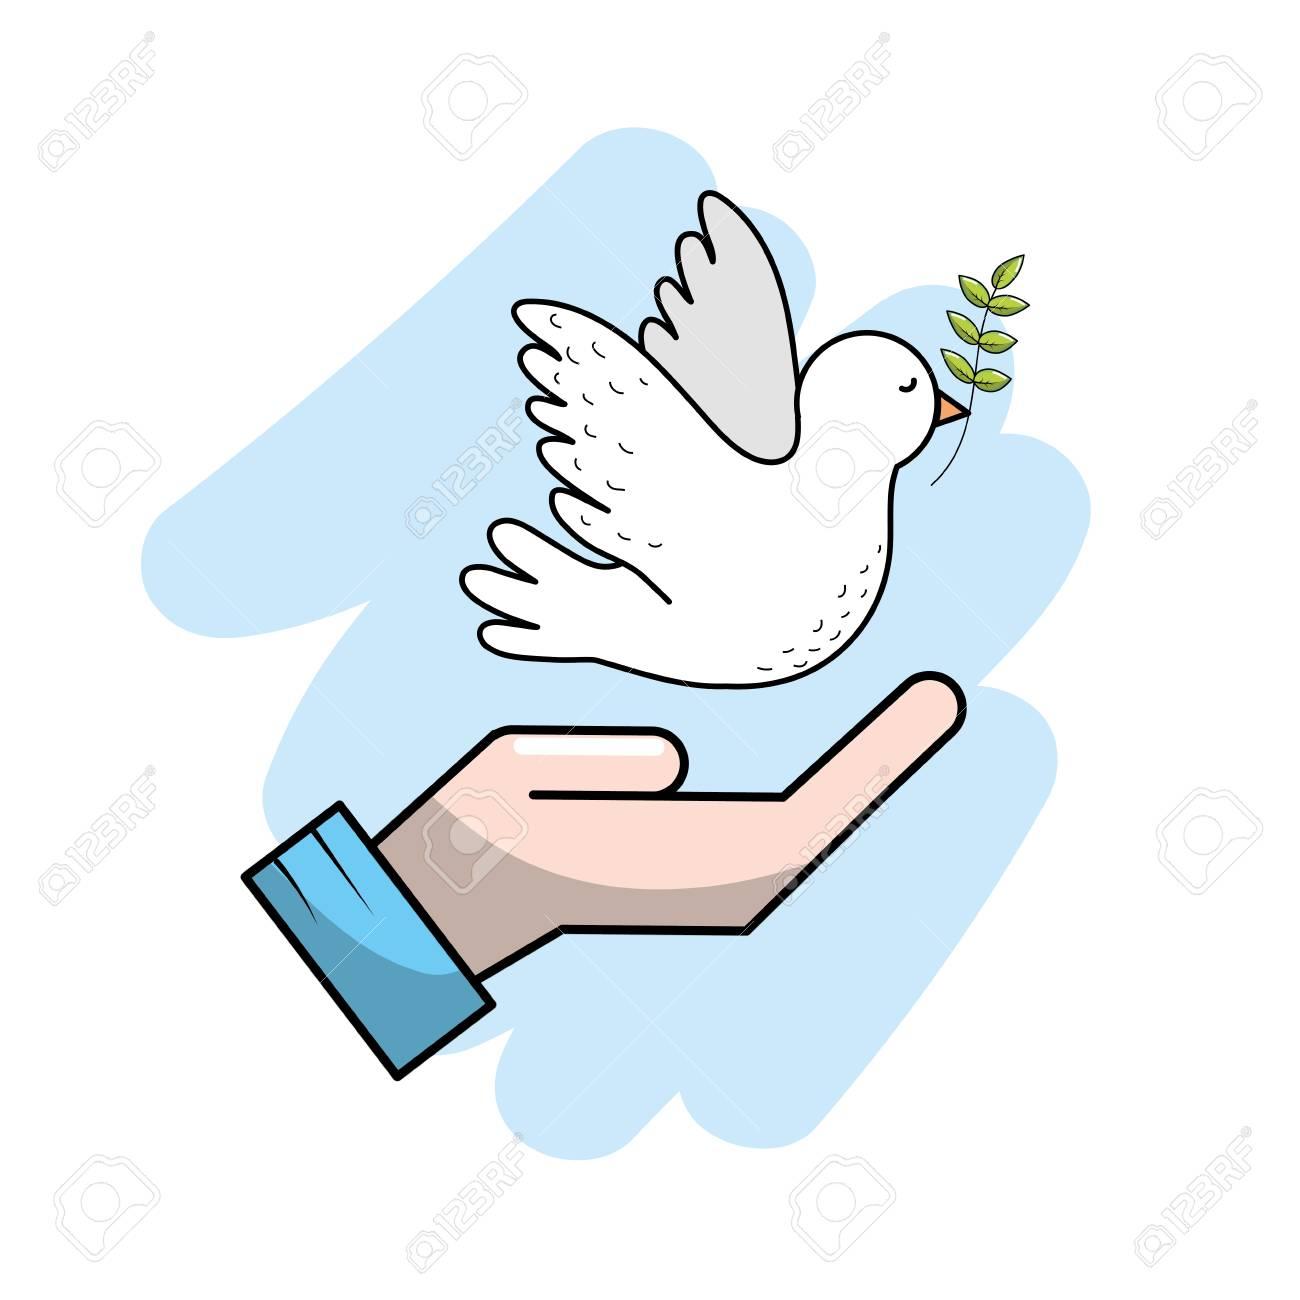 世界平和世界の調和の精神にベクトル イラストのイラスト素材ベクタ